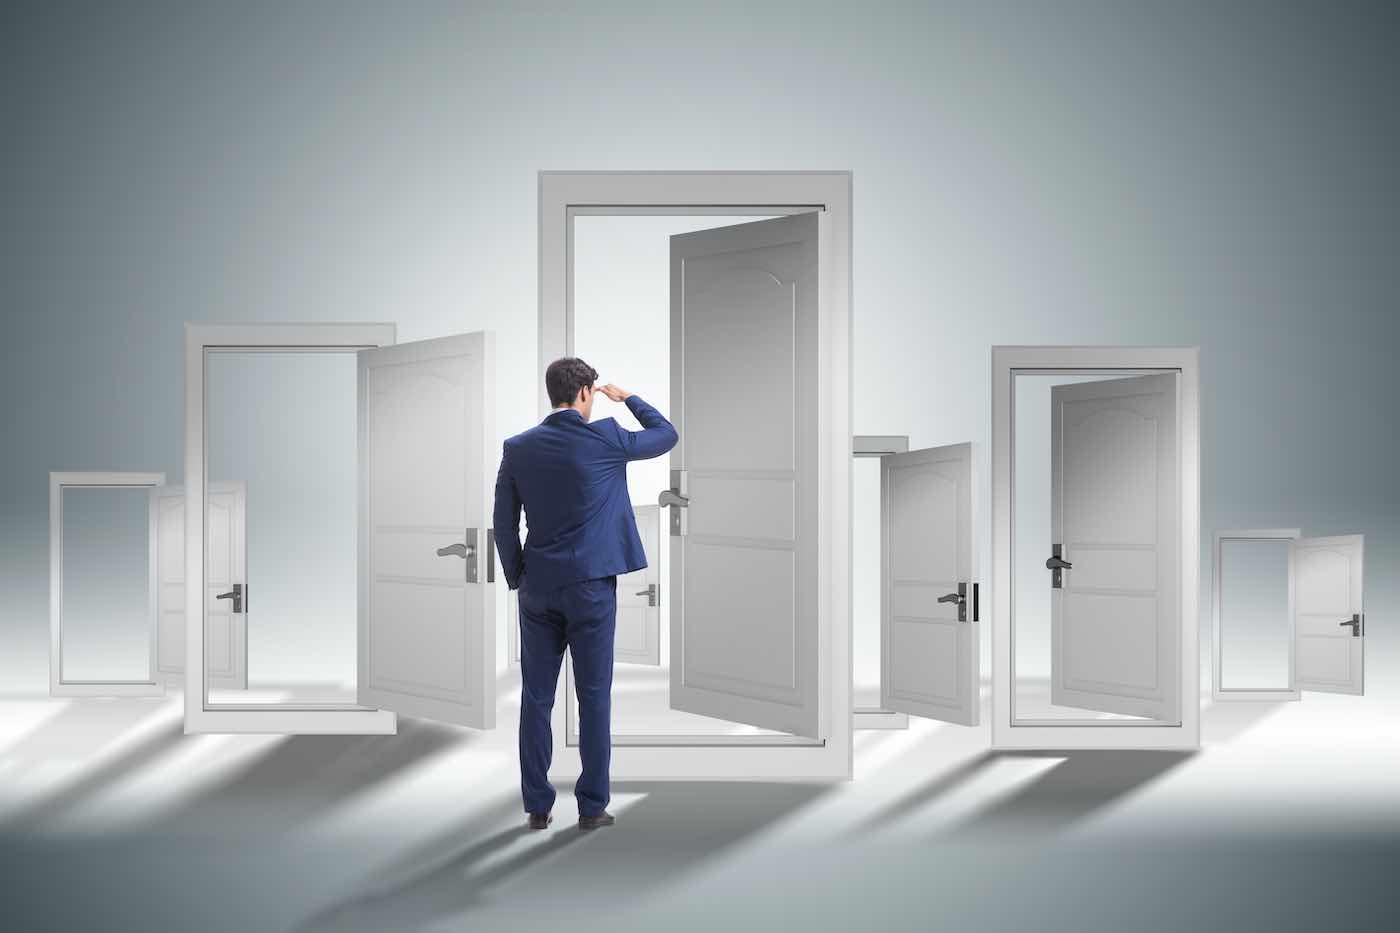 ¿Cómo evitar perder una gran oportunidad de negocio?